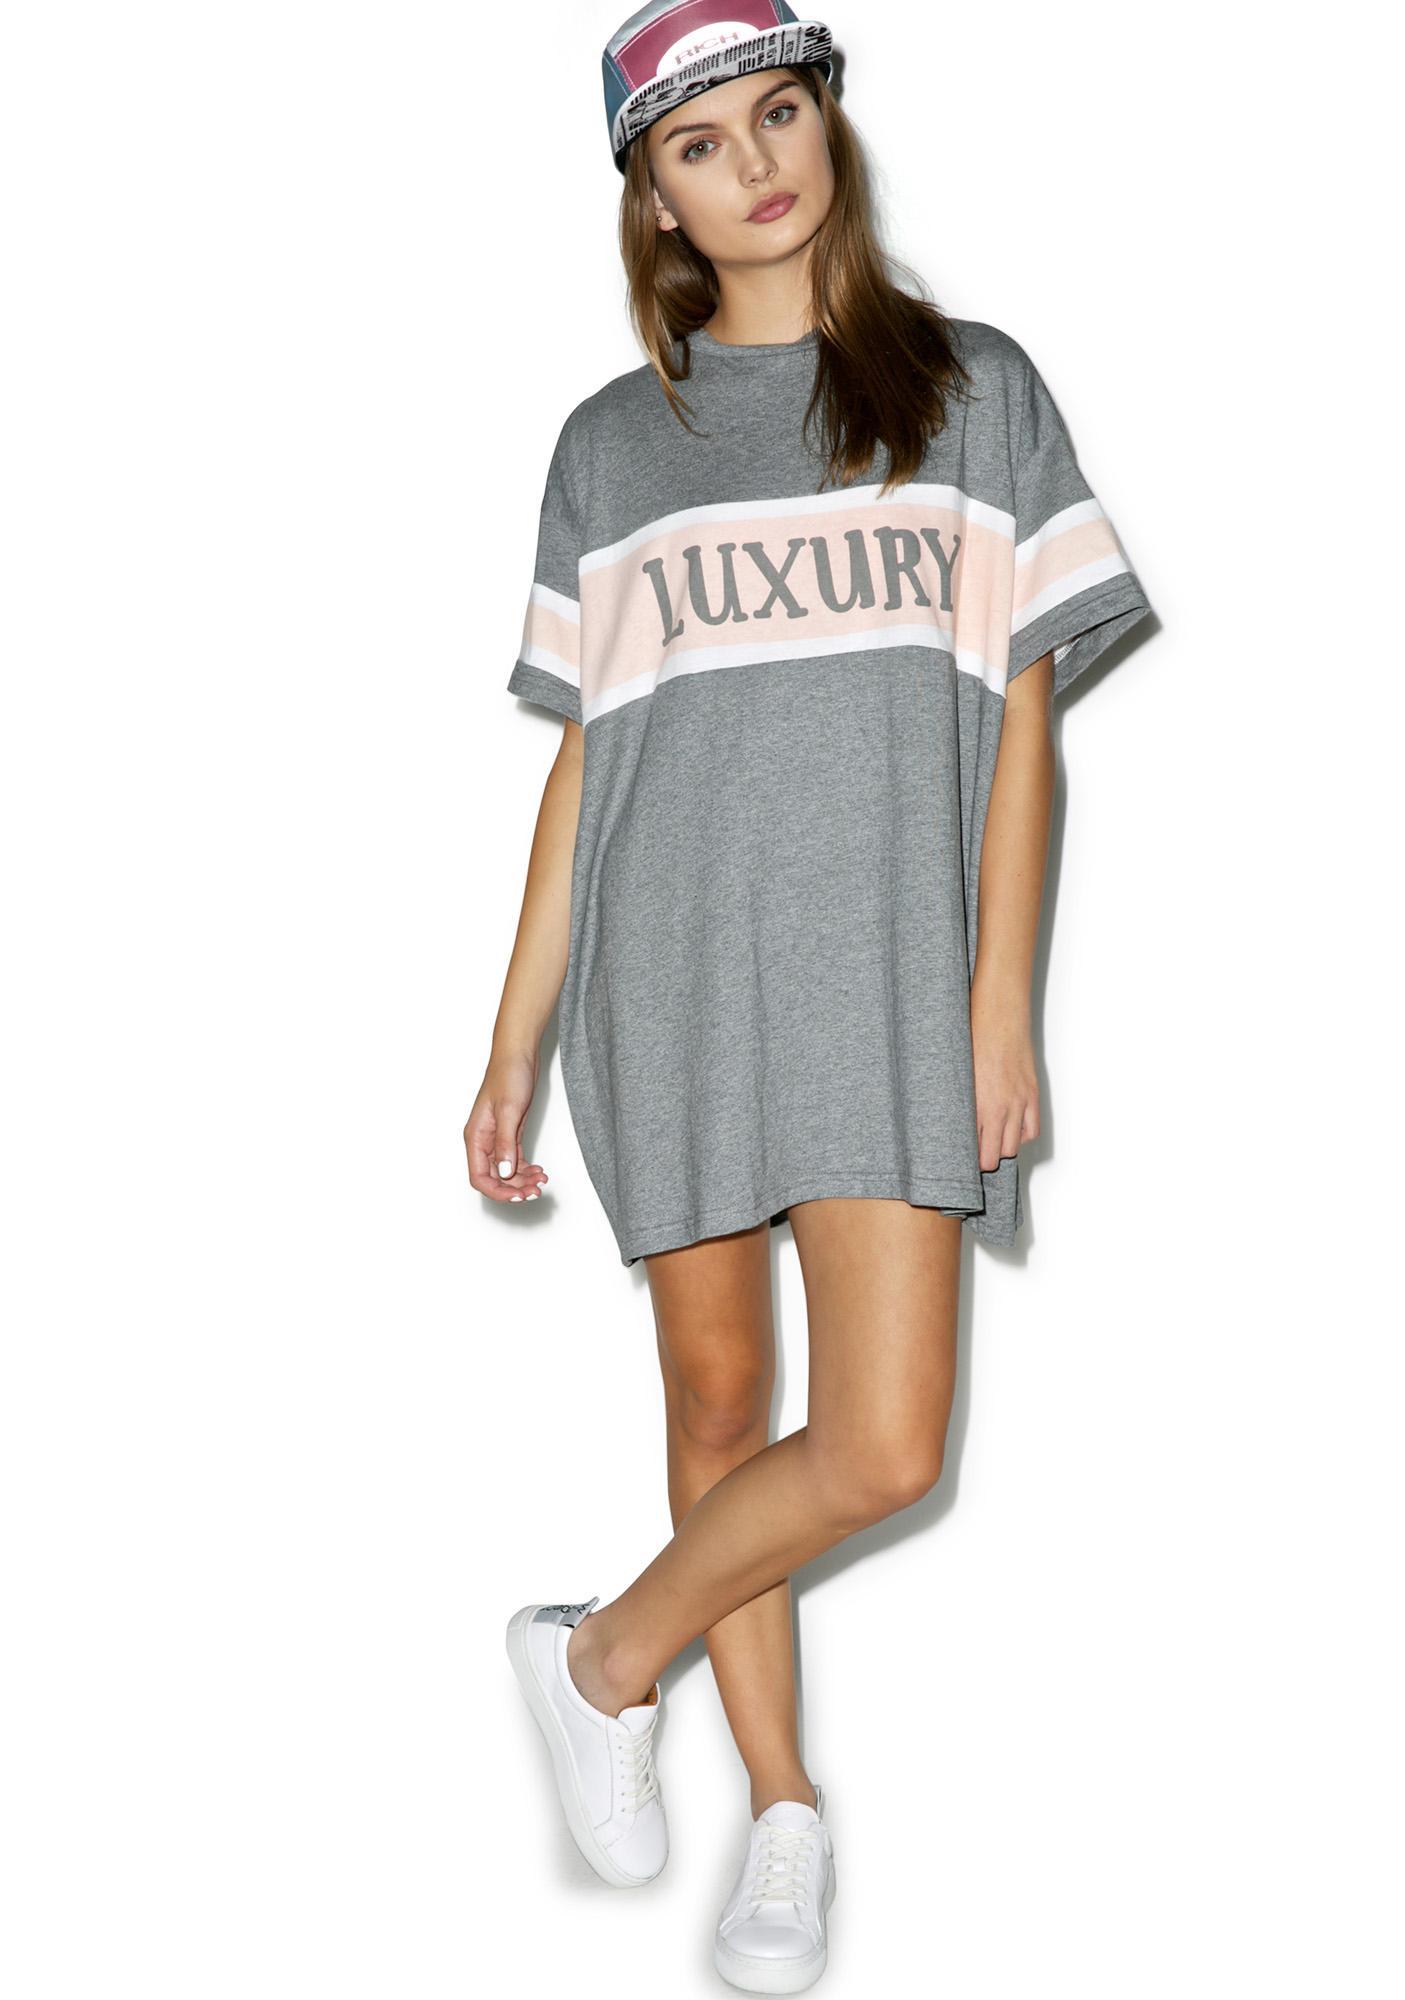 Lazy Oaf Luxury T-Shirt